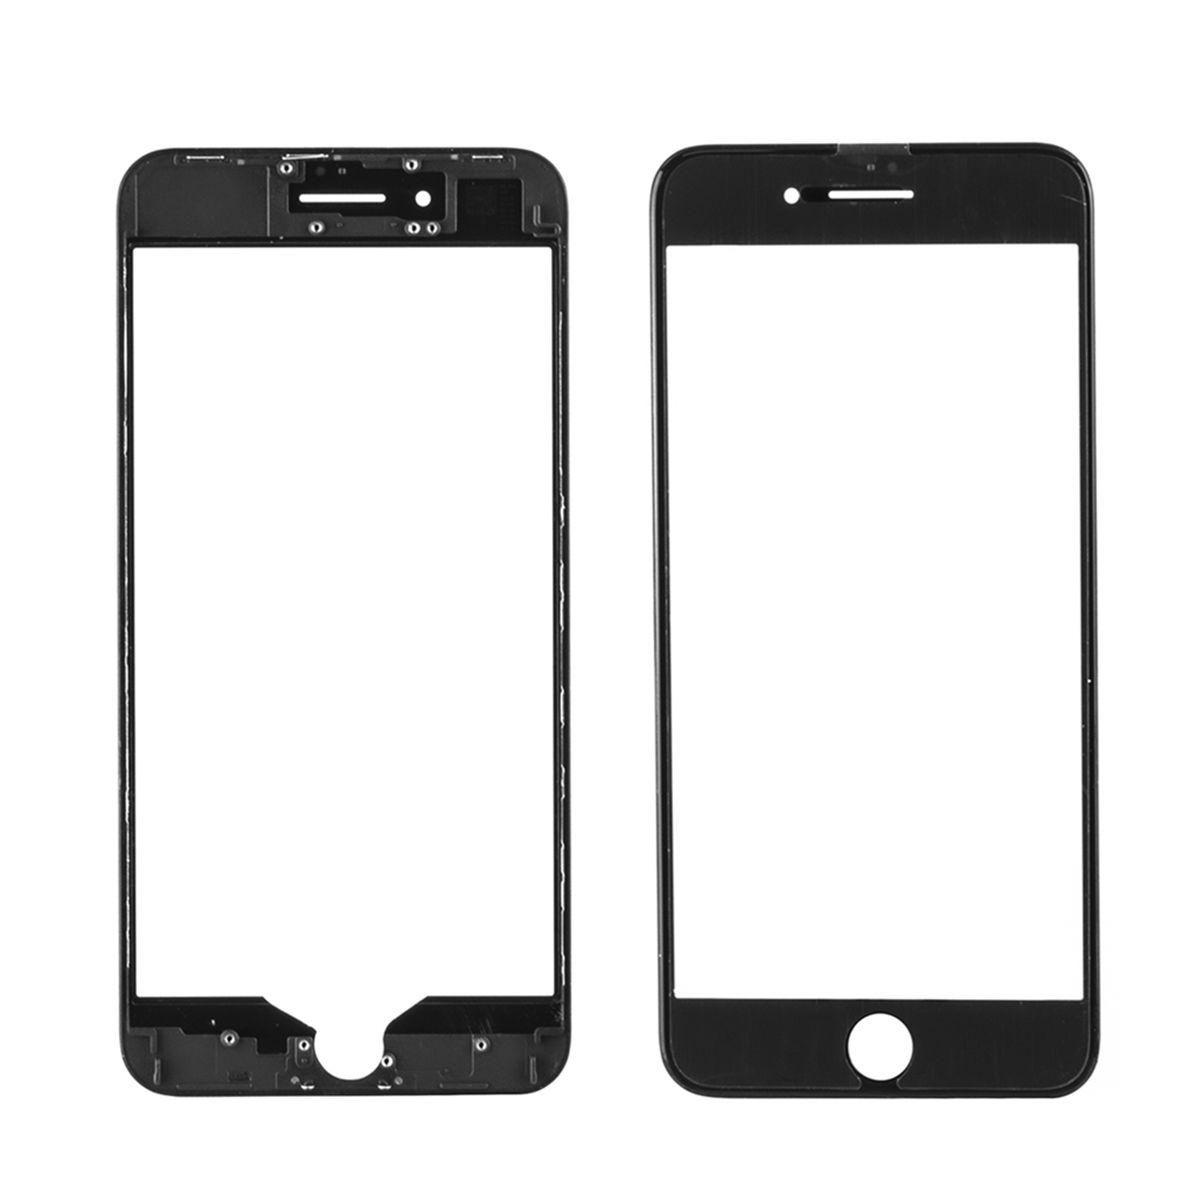 Стекло дисплей для iPhone 7G Plus (3 в 1) с рамкой и OCA пленкой, Black